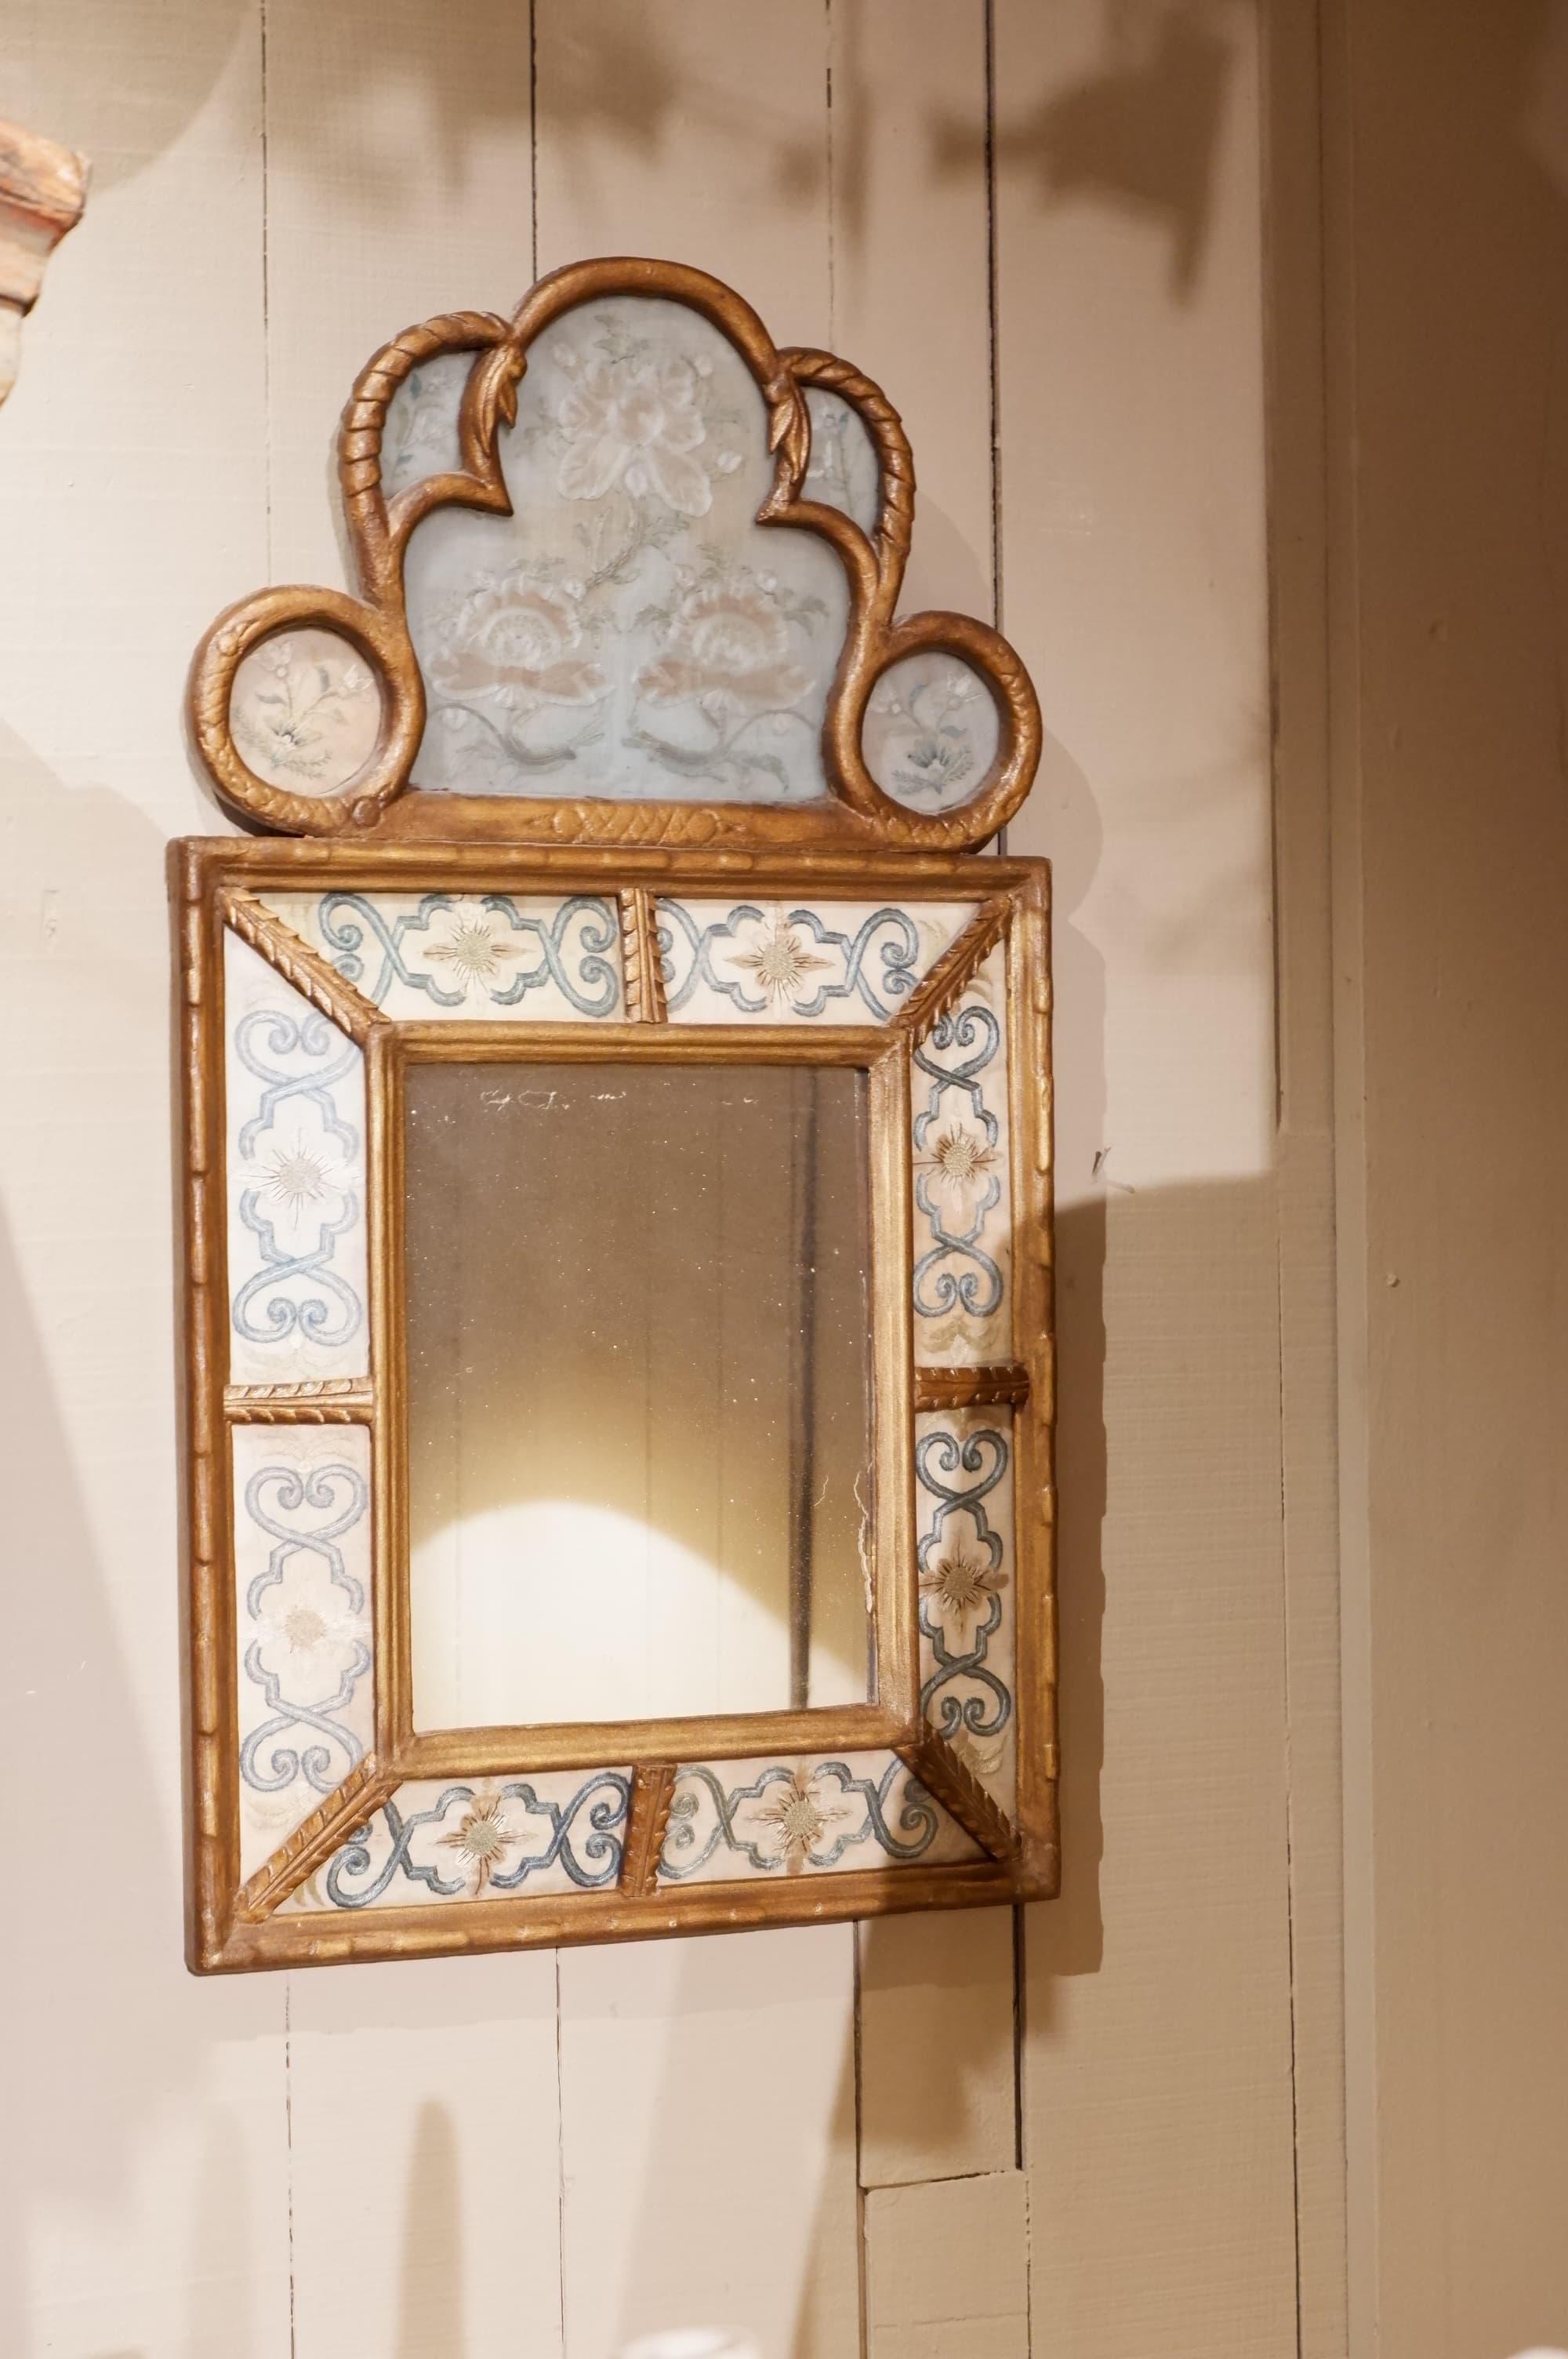 Miroir baroque à pareclose de soie brodée et verre coloré ca.1800